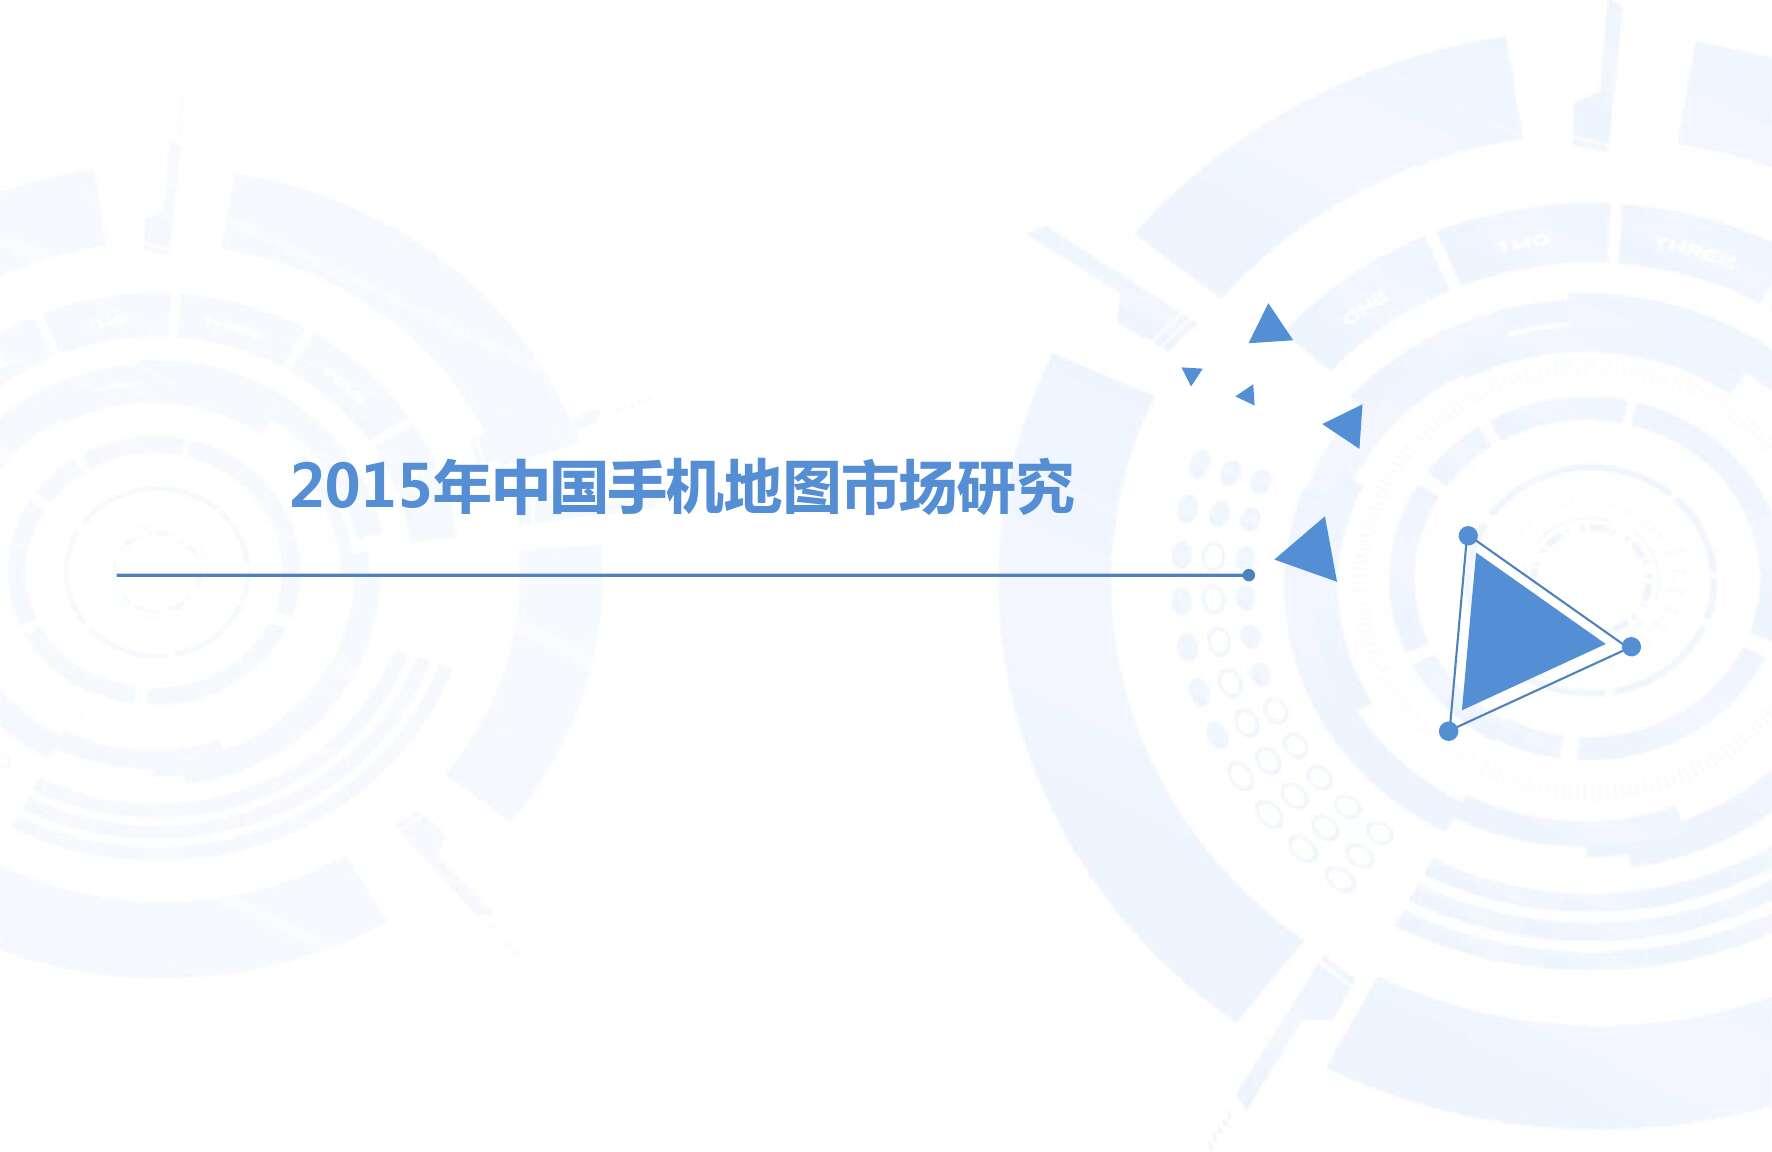 2015-2016年中国手机地图市场研究_000004